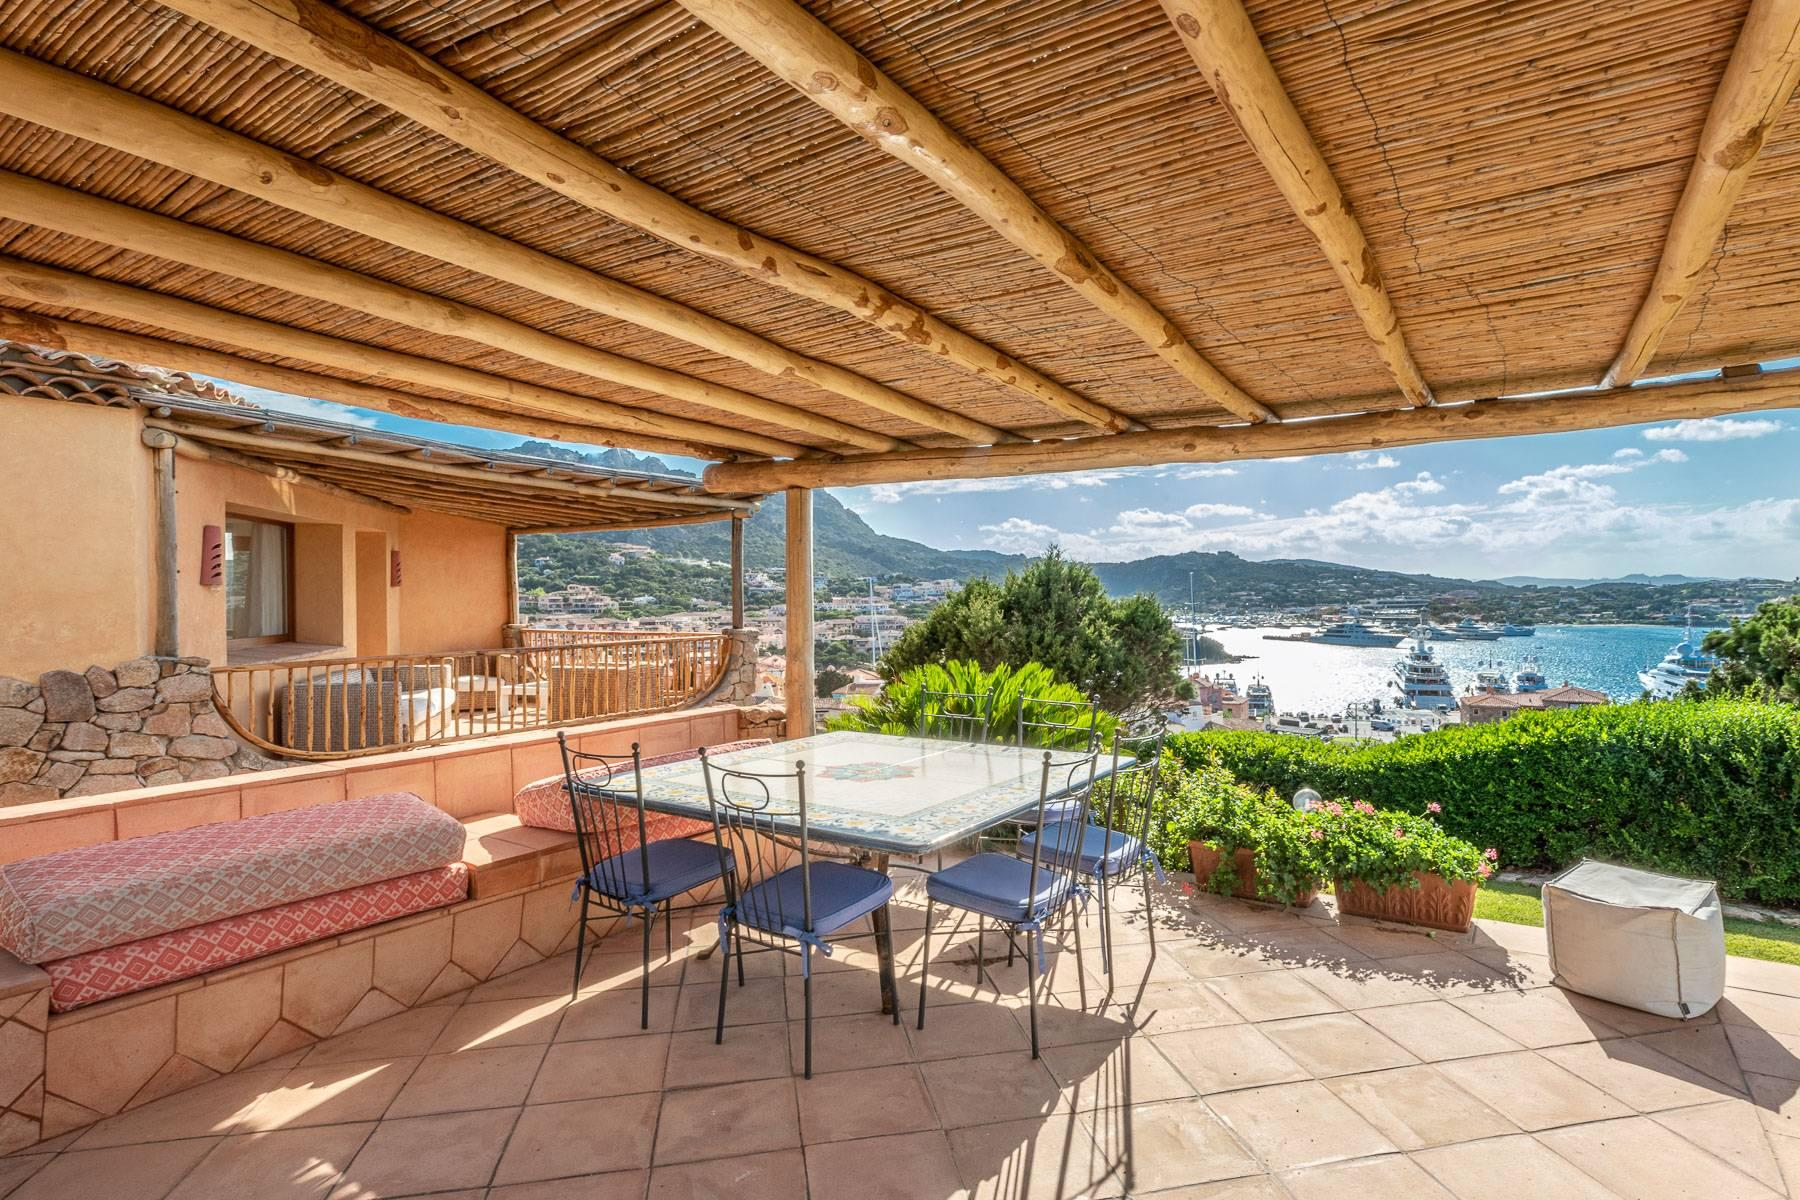 Importante villa indipendente con un impareggiabile panorama, nel cuore di Porto Cervo. - 27